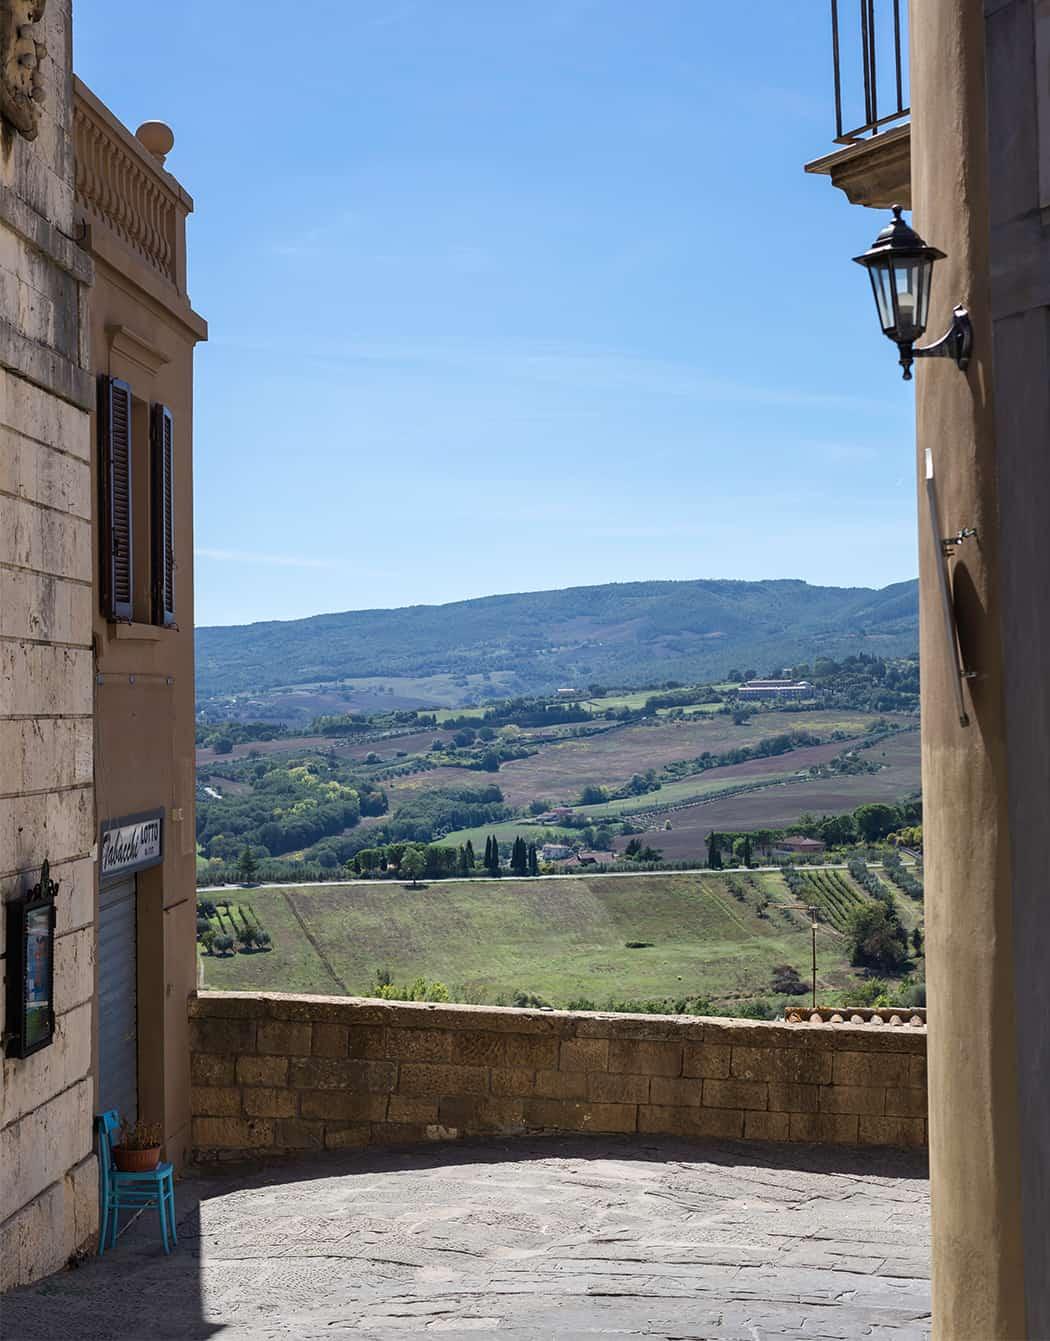 centro storico di Chianciano Terme